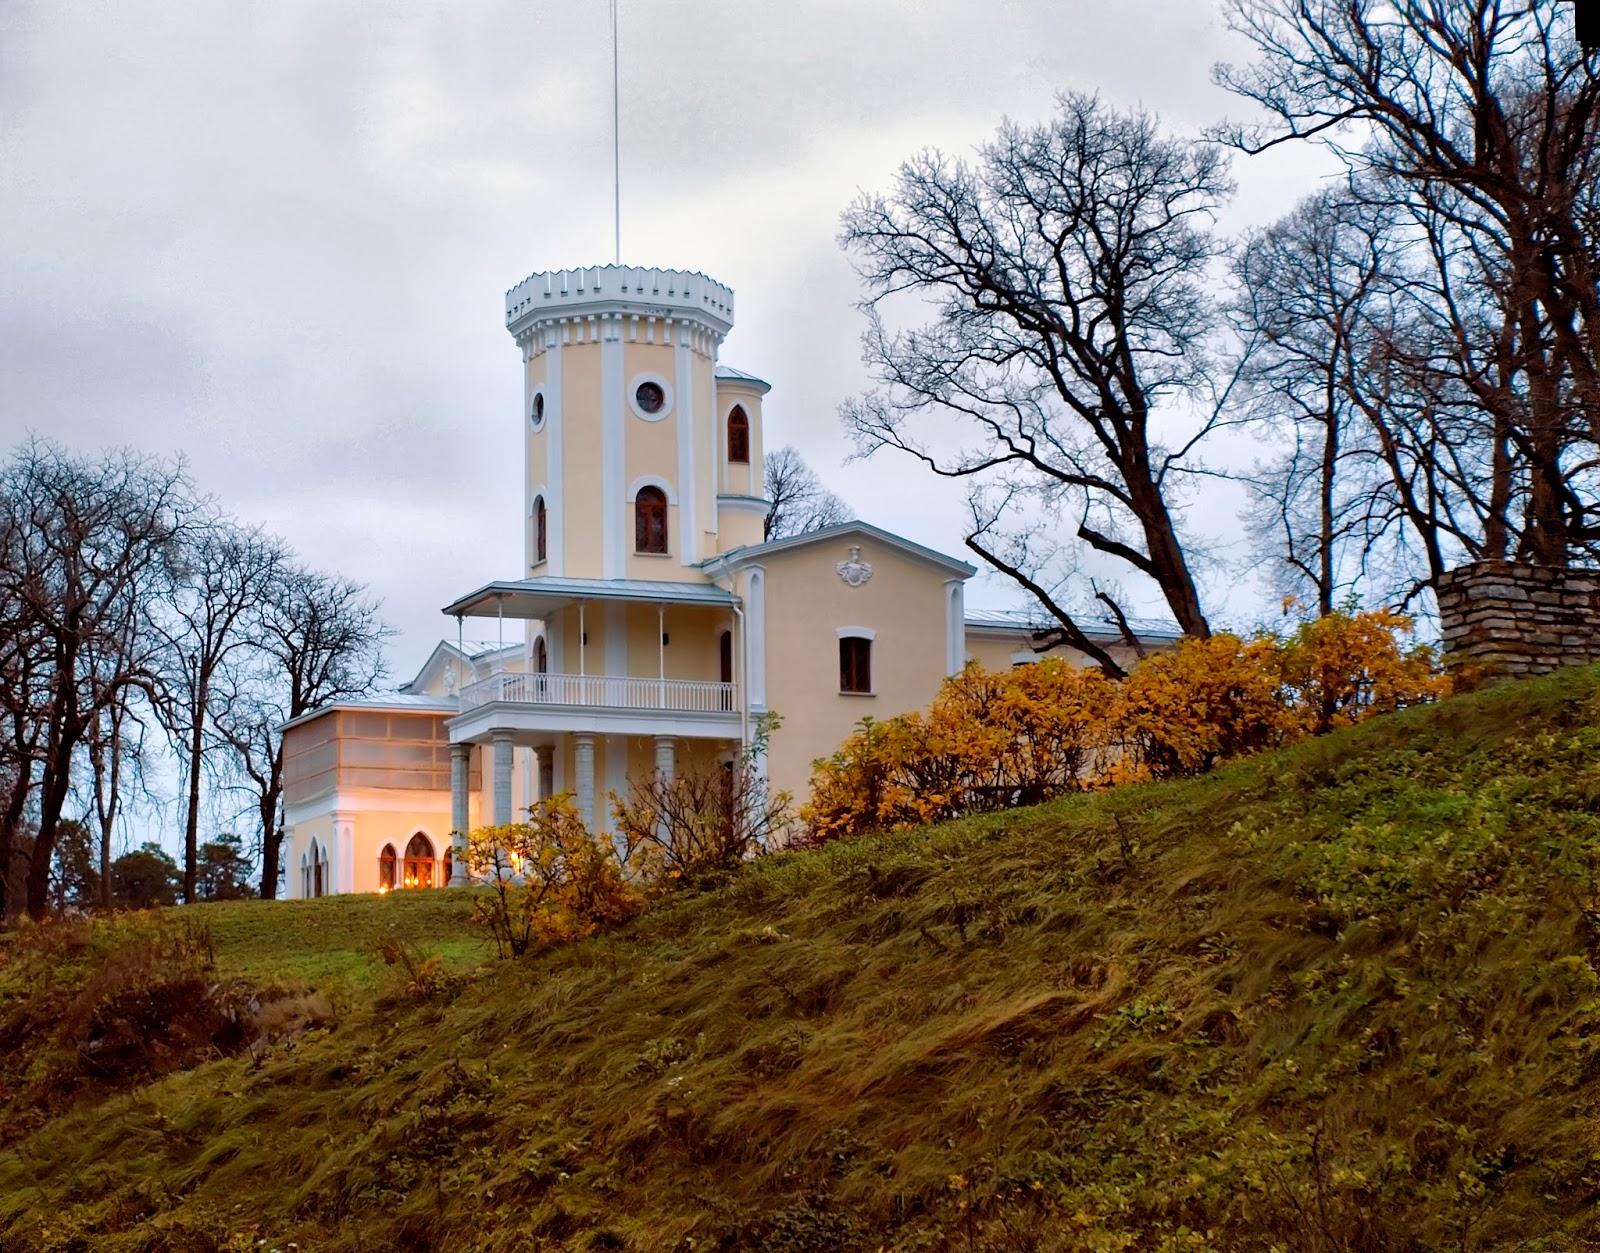 Экскурсии по пригородам Таллинна. Судьба замка Кейла-Йоа